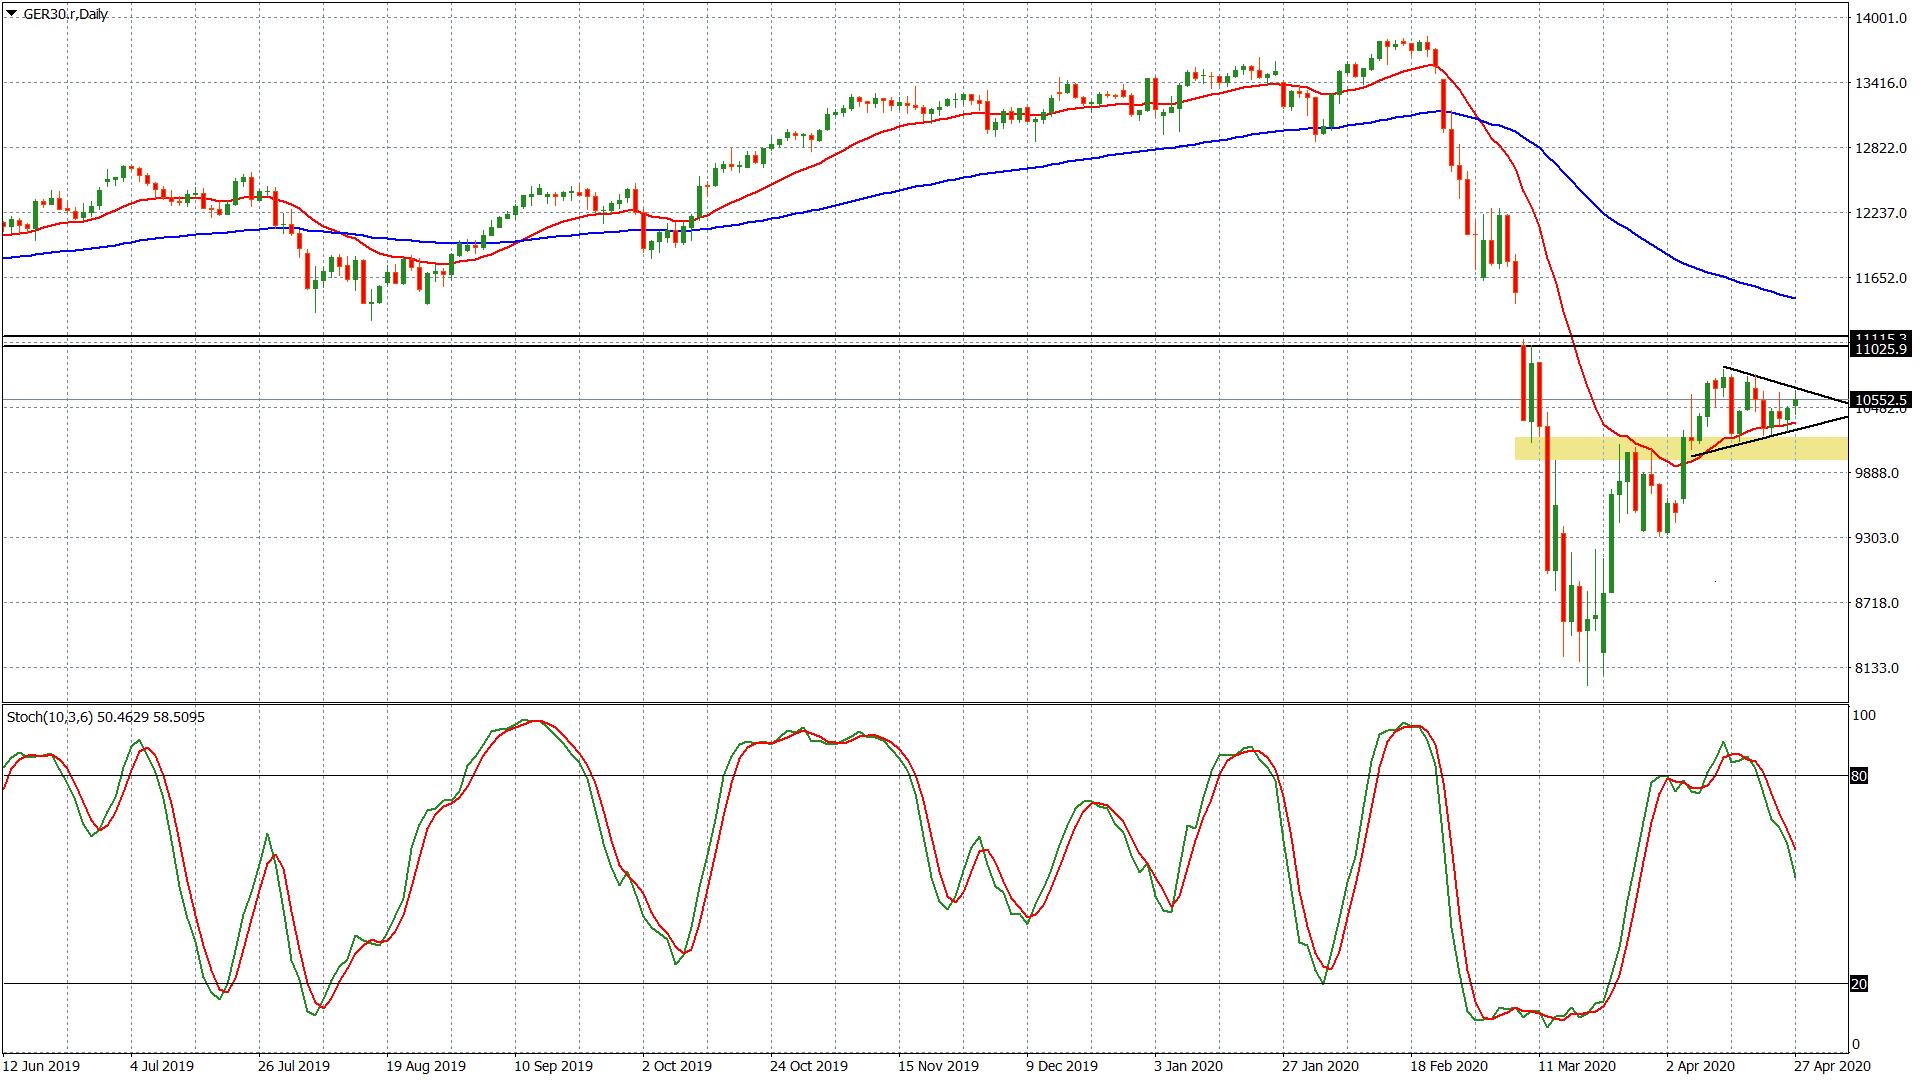 Der Dax ist der Leitindex der europäischen Aktienmärkte